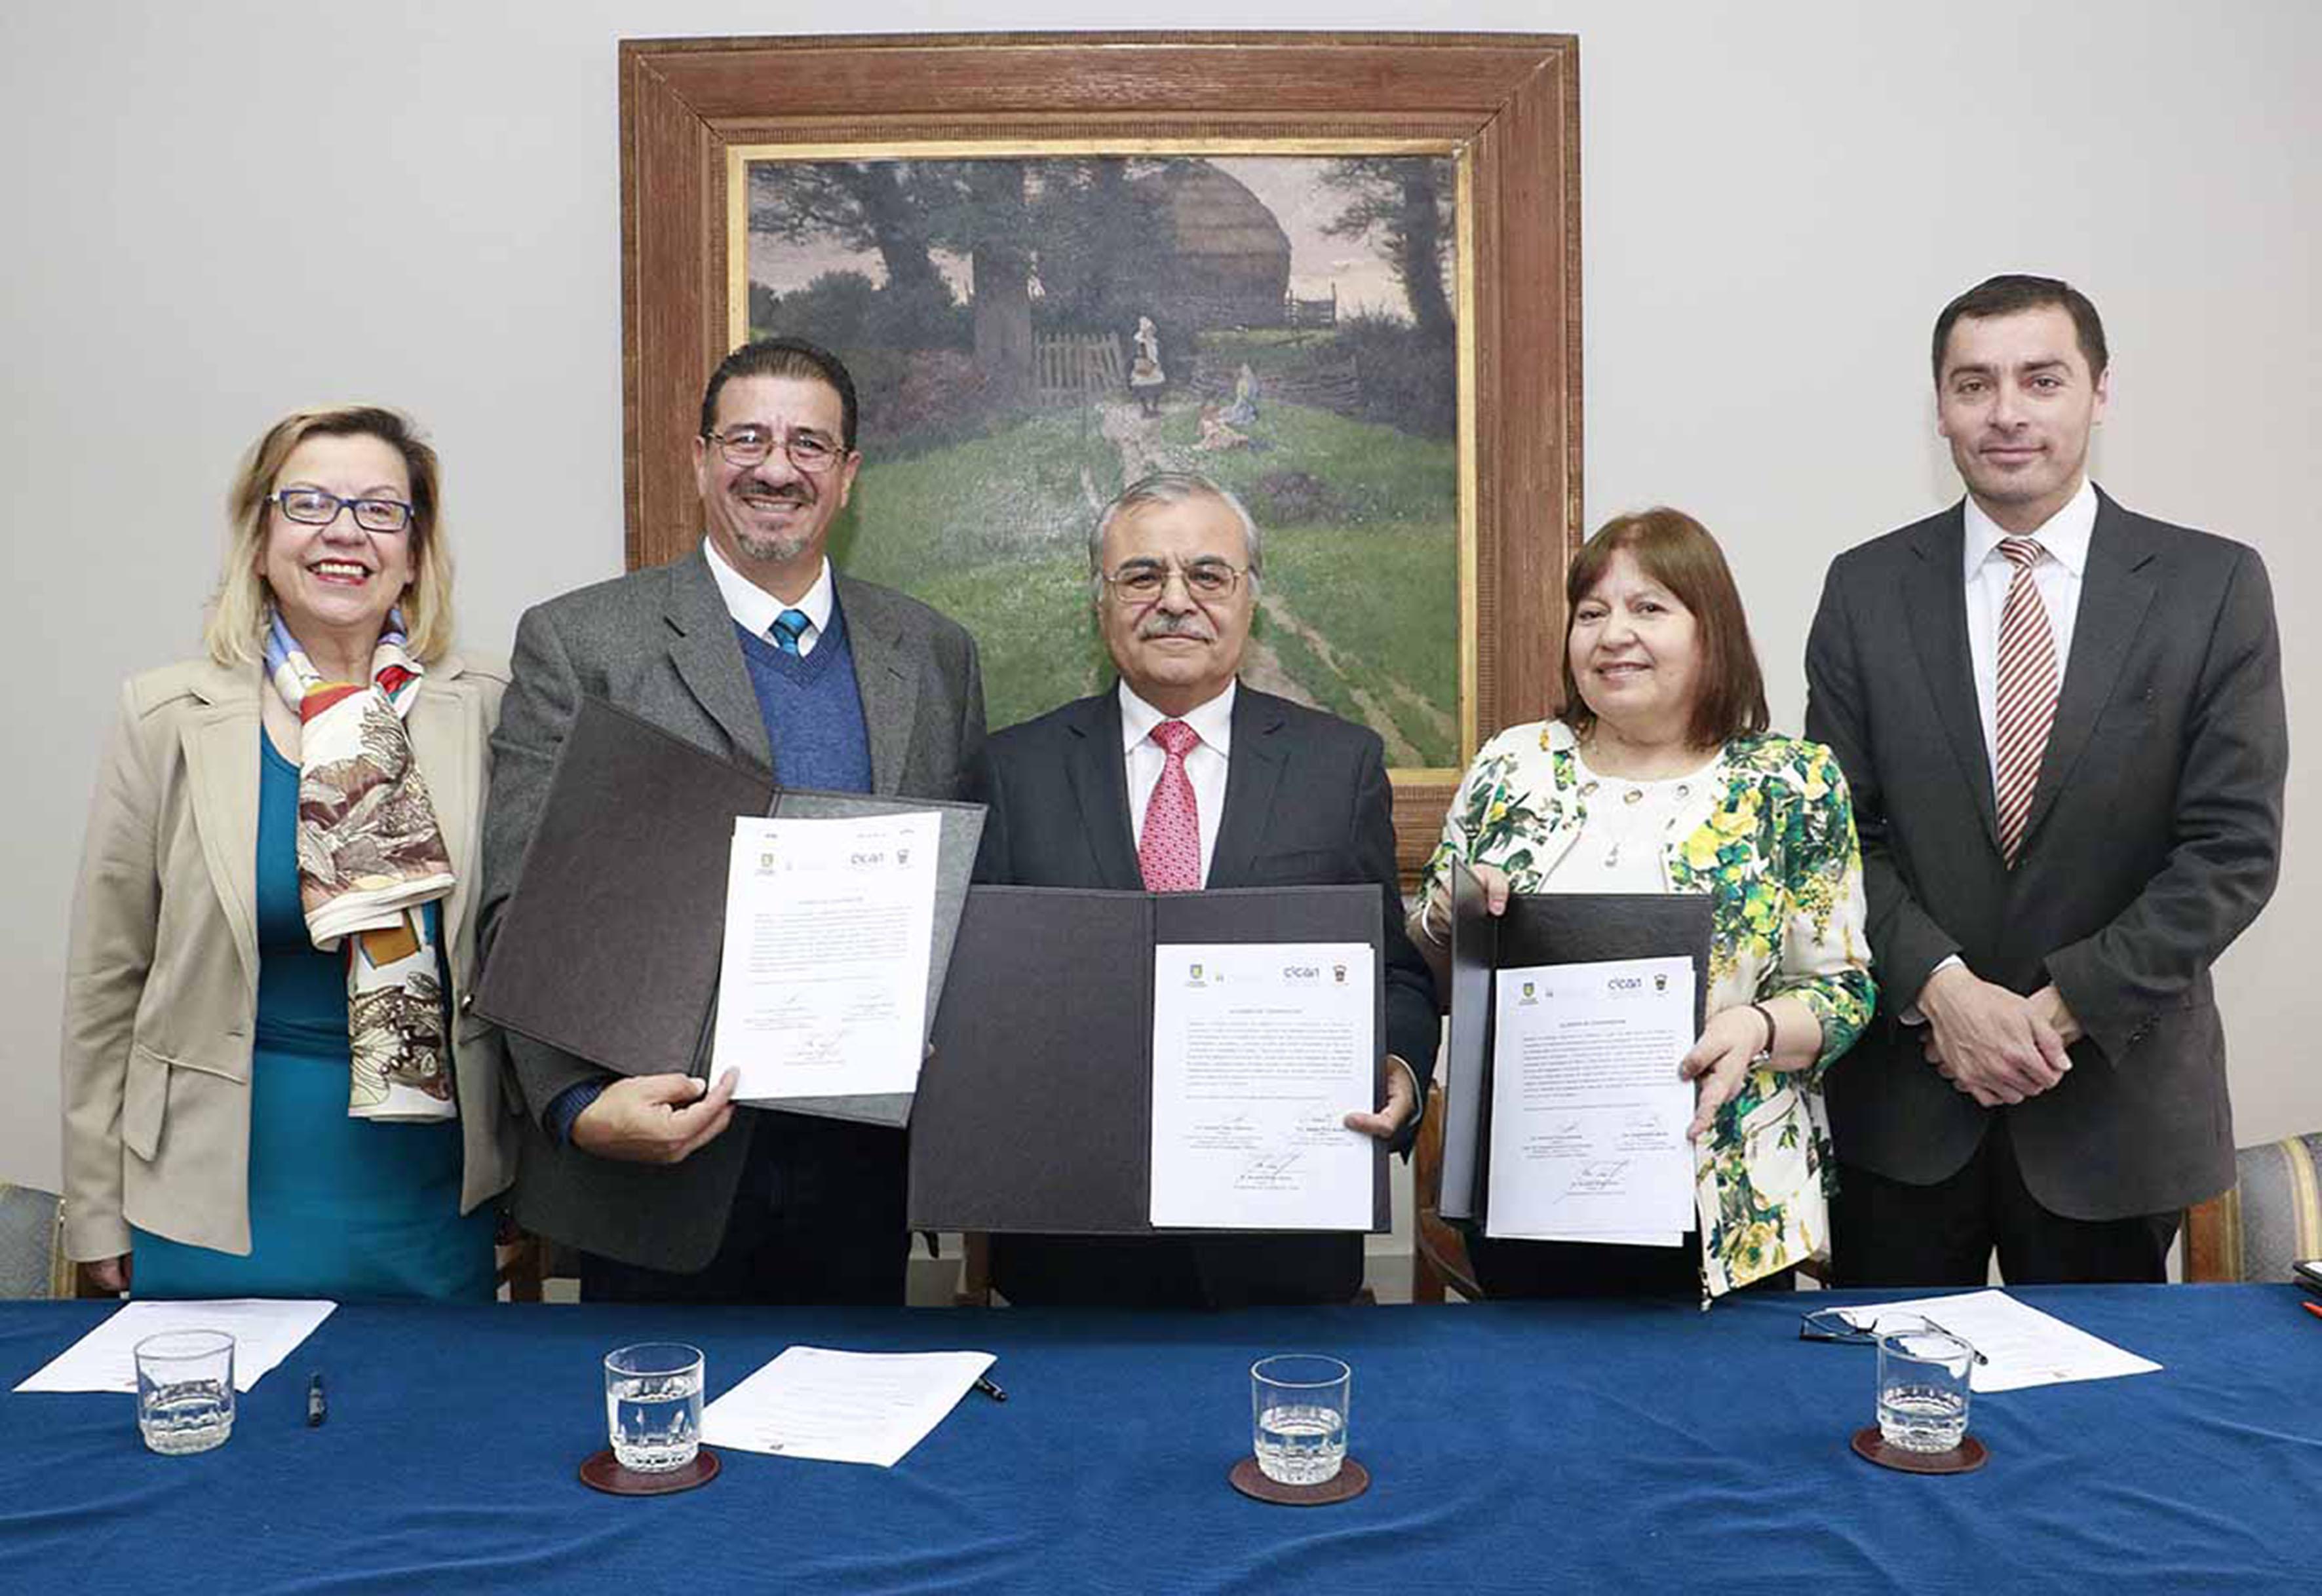 Centro de Investigaciones en Comportamiento Alimentario y Nutrición (CICAN) del Centro Universitario del Sur (CUSur), firmó un convenio de colaboración con el Centro de Vida Saludable (CVS) de la Universidad de Concepción, Chile para fortalecer la investigación multidisciplinaria del análisis de la alimentación